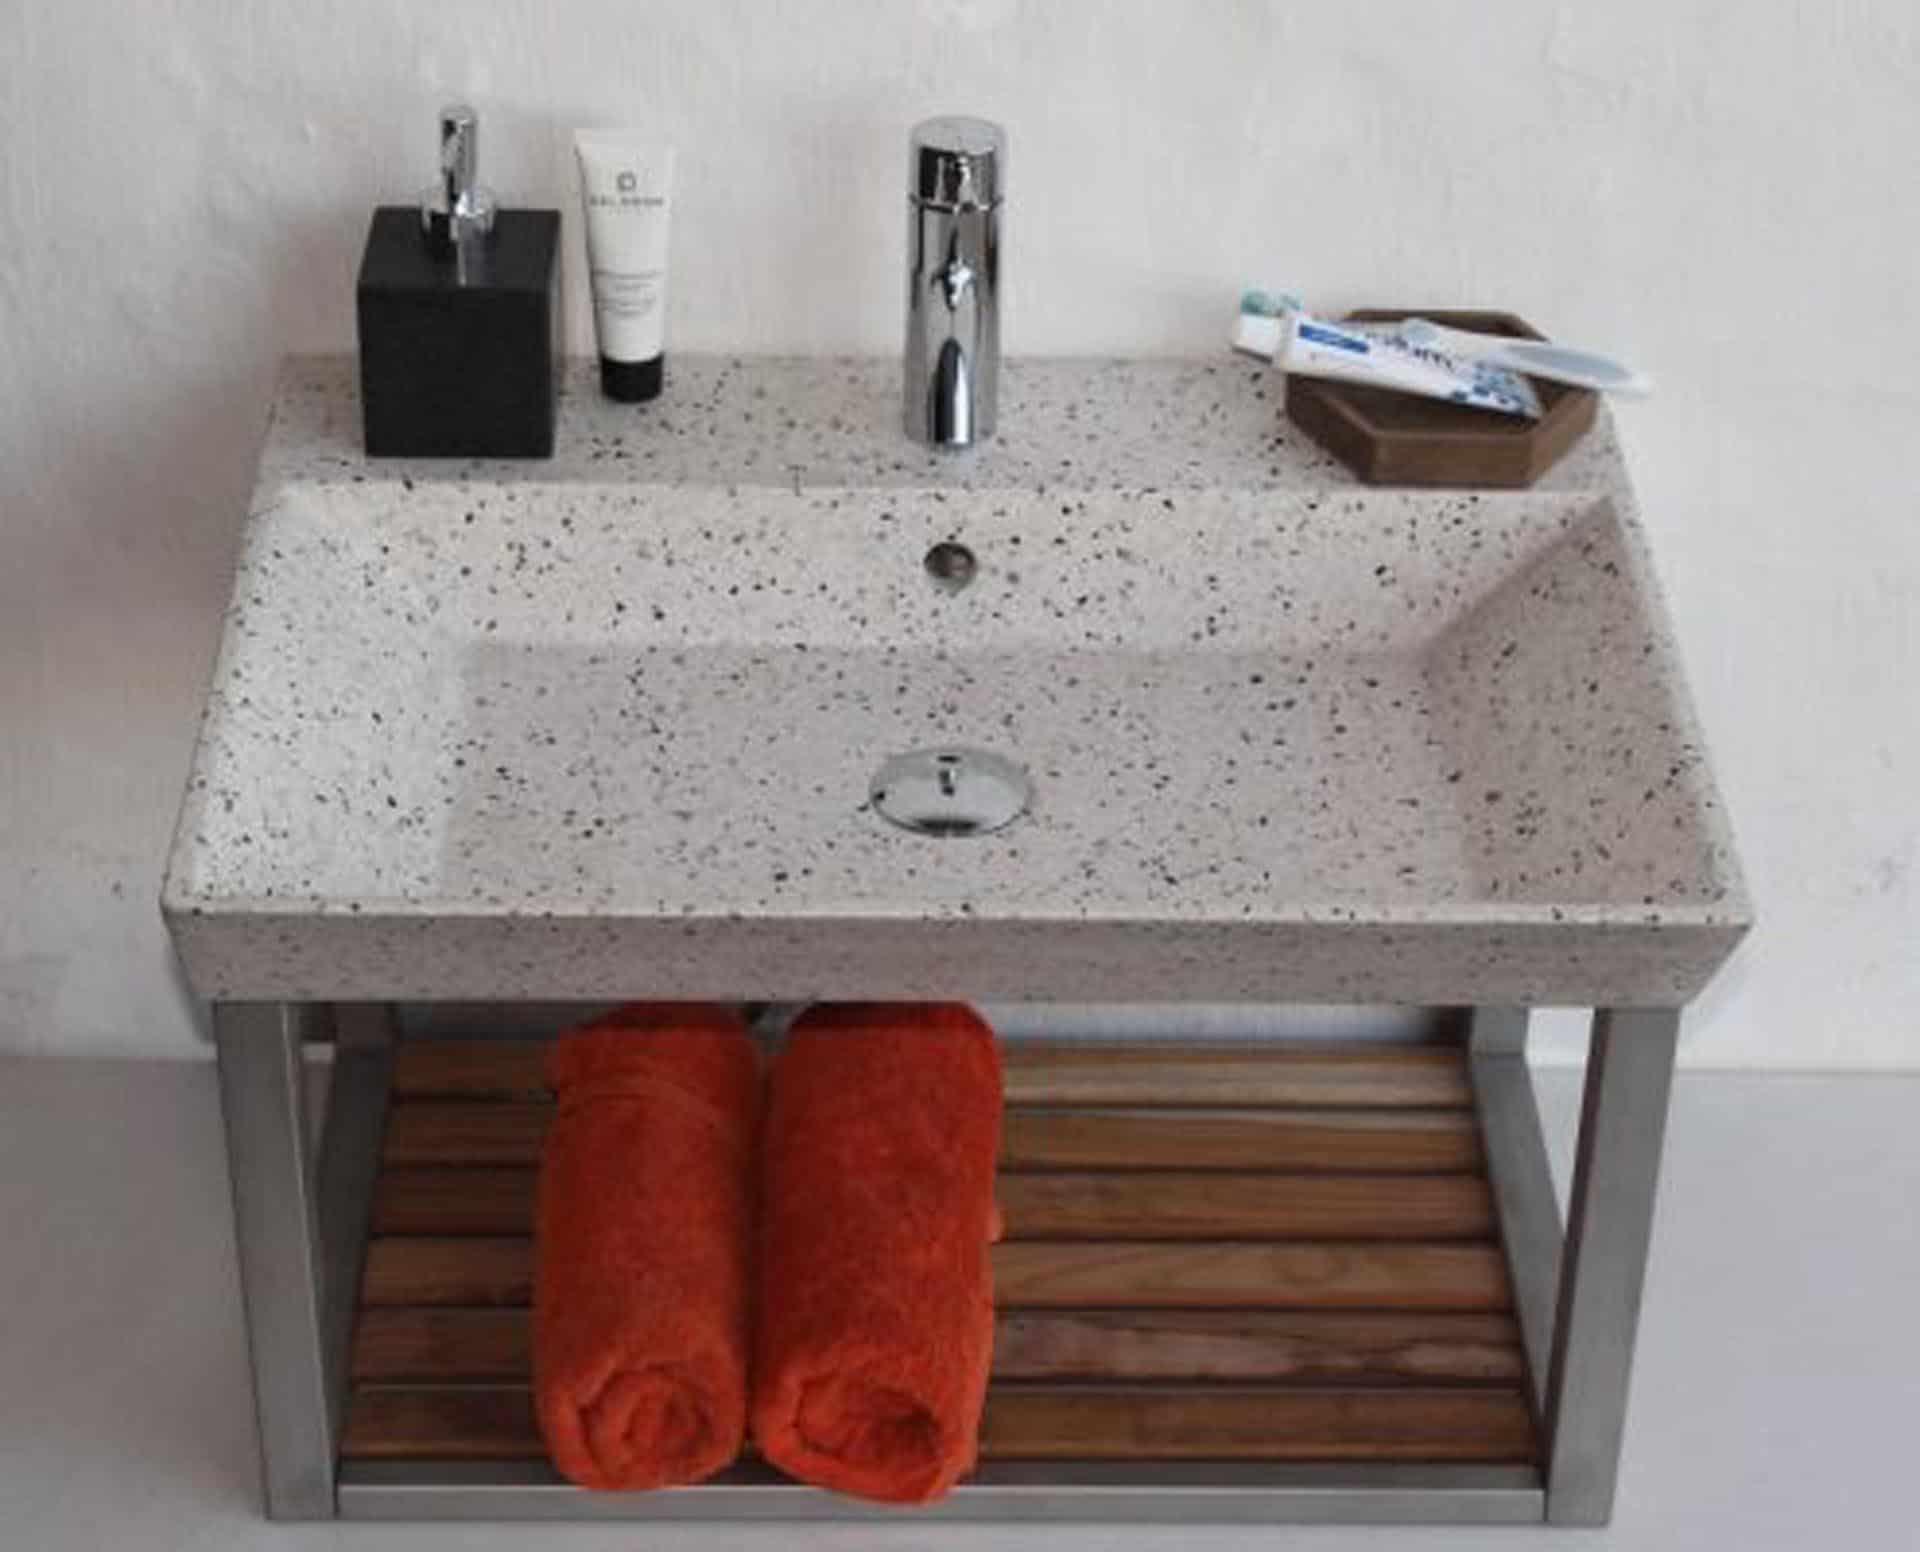 Lækker gnistret terrazzo håndvask, med pæne afrundinger. Farven er lys med sorte og mørke sten - et råt look med en flot finish. Vasken har målene: 60 x 35,5 x 10 cm. Materialet er en blanding af cement og de små natursten, der giver vasken sin flotte gnistrede finish. Vasken kan bruges som fritstående vask - da vasken er flad i bunden er den velegnet til at placere direkte på en bordplade. Vasken er hensynsmæssigt designet med fine rundinger, som både giver vasken et eksklusivt udtryk og gør den rengøringsvenlig. Vasken vedligeholdes med voks - vi anbefaler en behandling med vores egen naturvoks ID12002 et par gange om året for at opnå optimalt look.